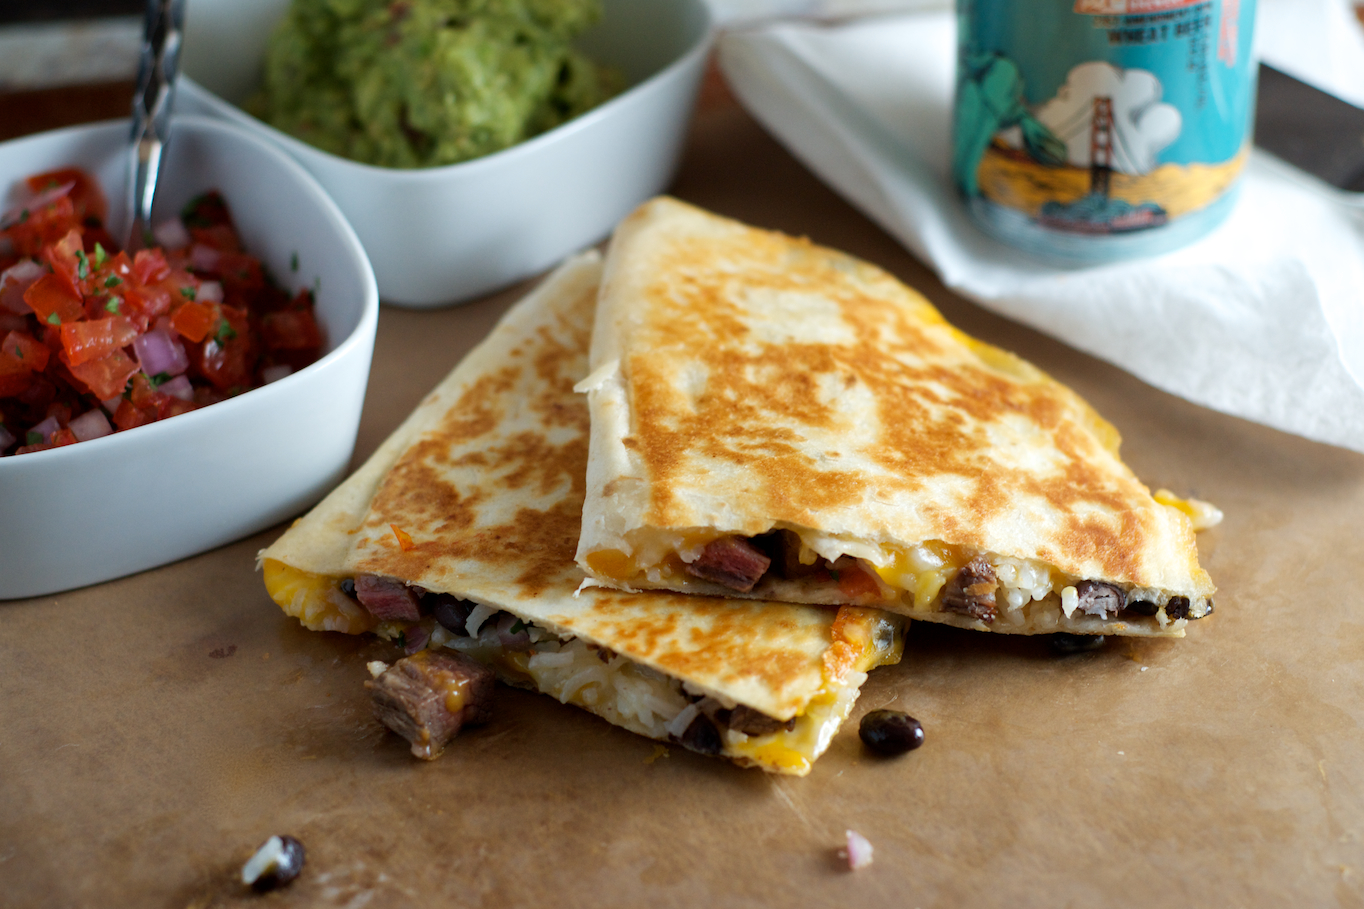 Burrito + Quesadilla = Burritodilla